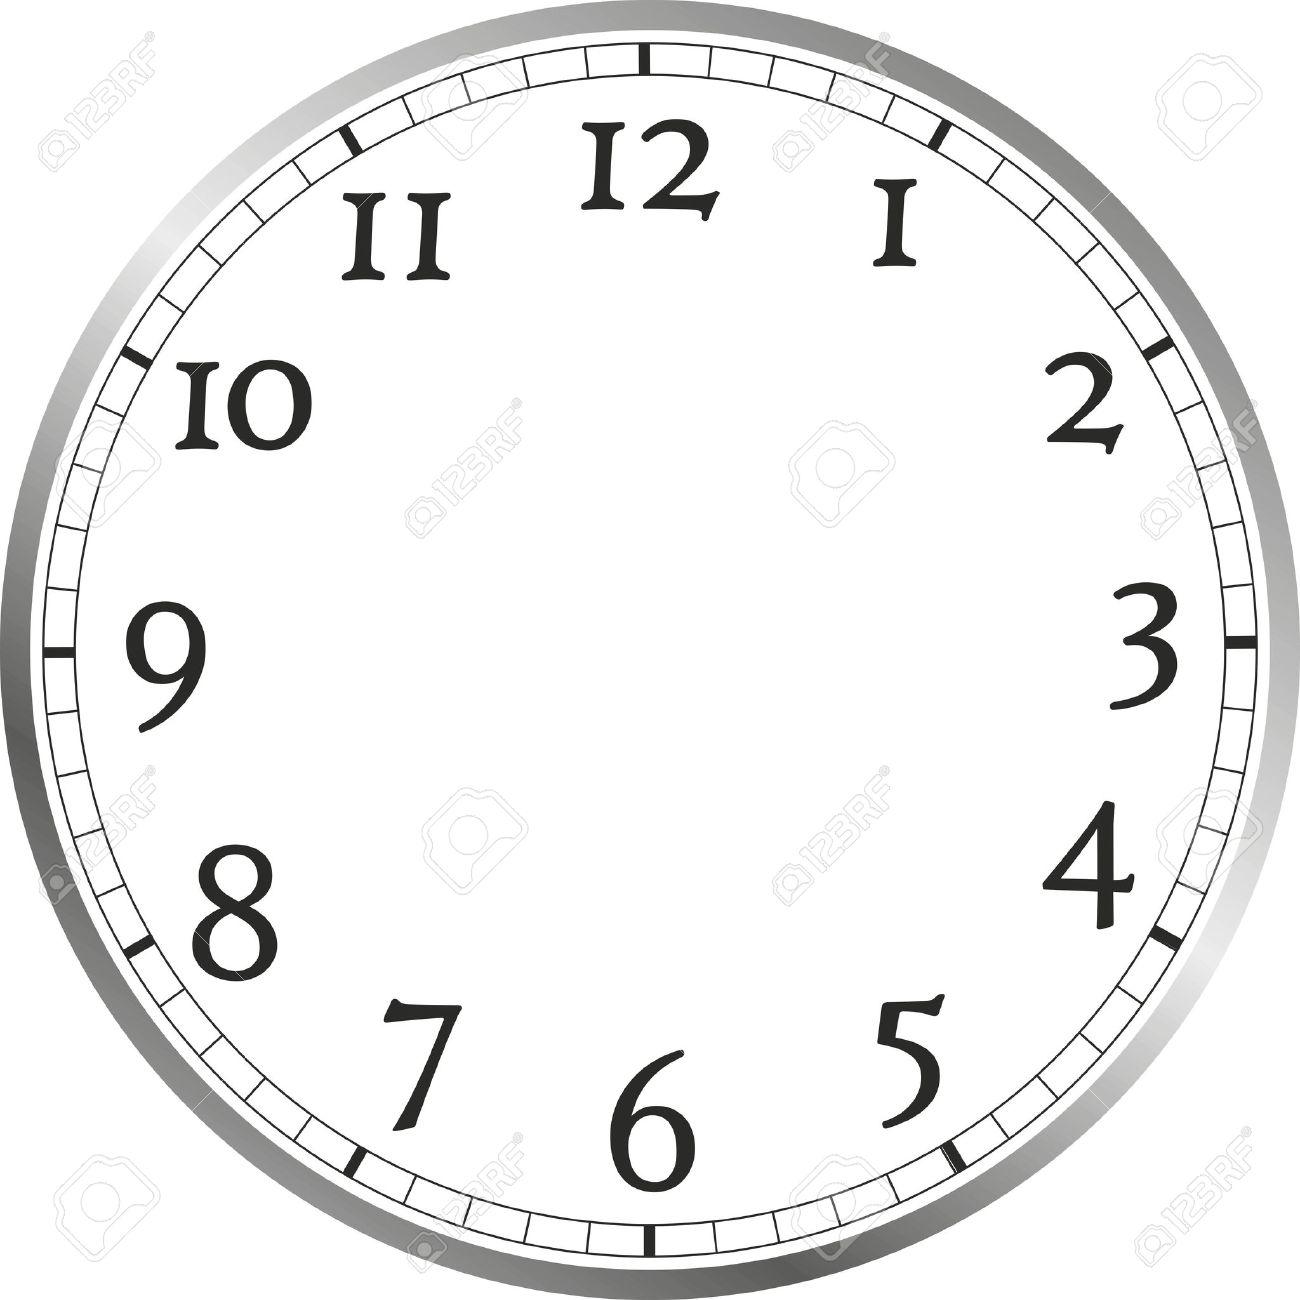 Reloj Del GrandesSin Manecillas Con Números Cara WDY9IHE2